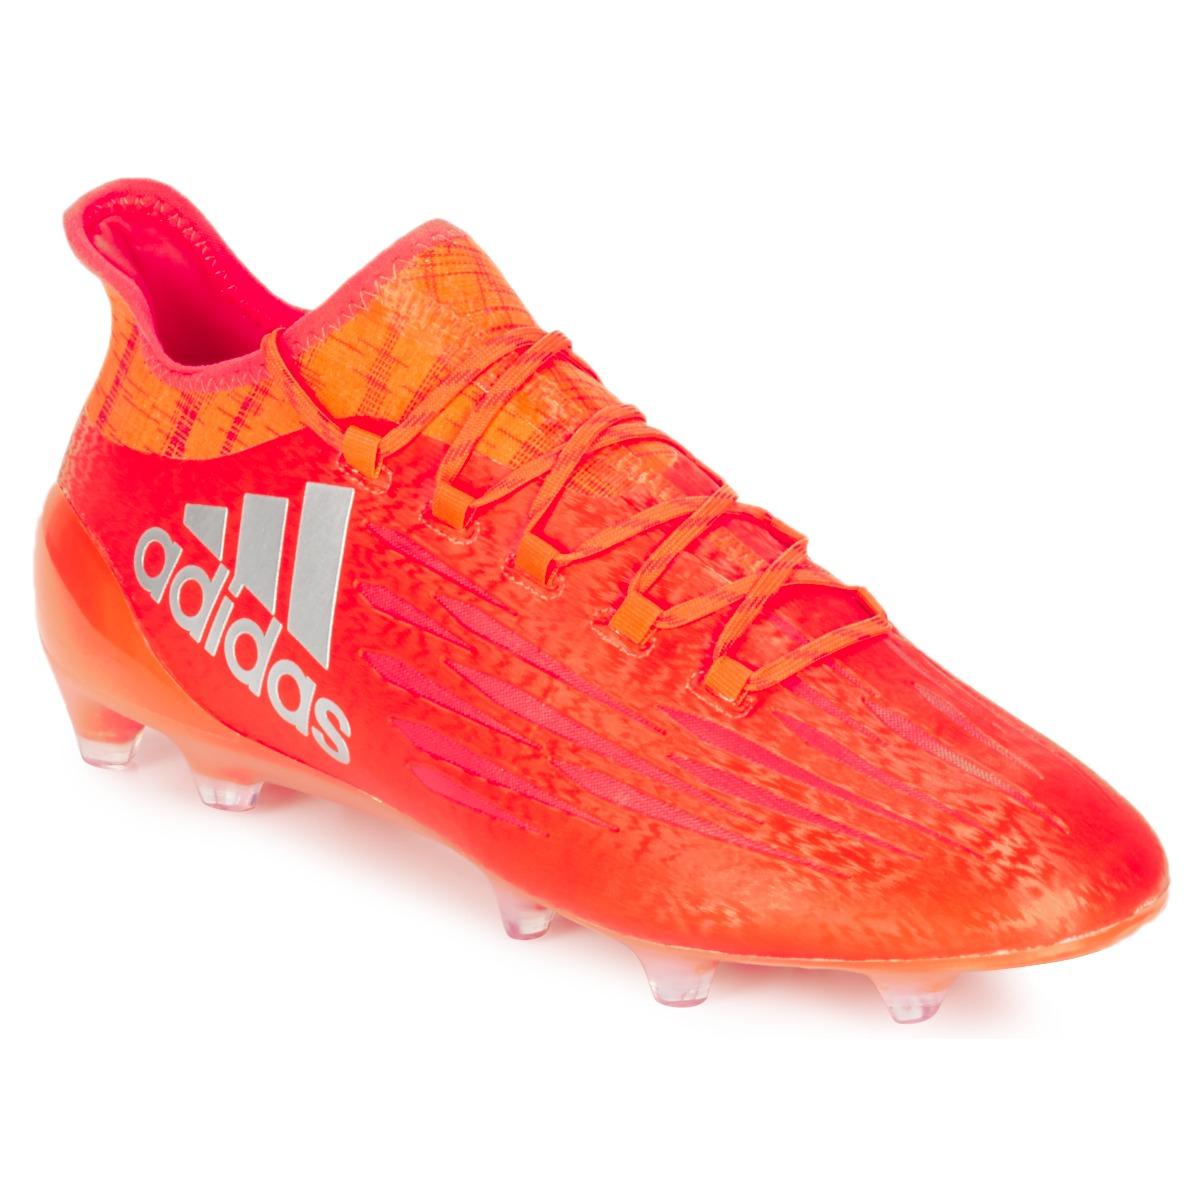 adidas Performance X 161 FG Orange - Kostenloser Versand bei Spartoode ! - Schuhe Fussballschuhe Herren 120,00 €